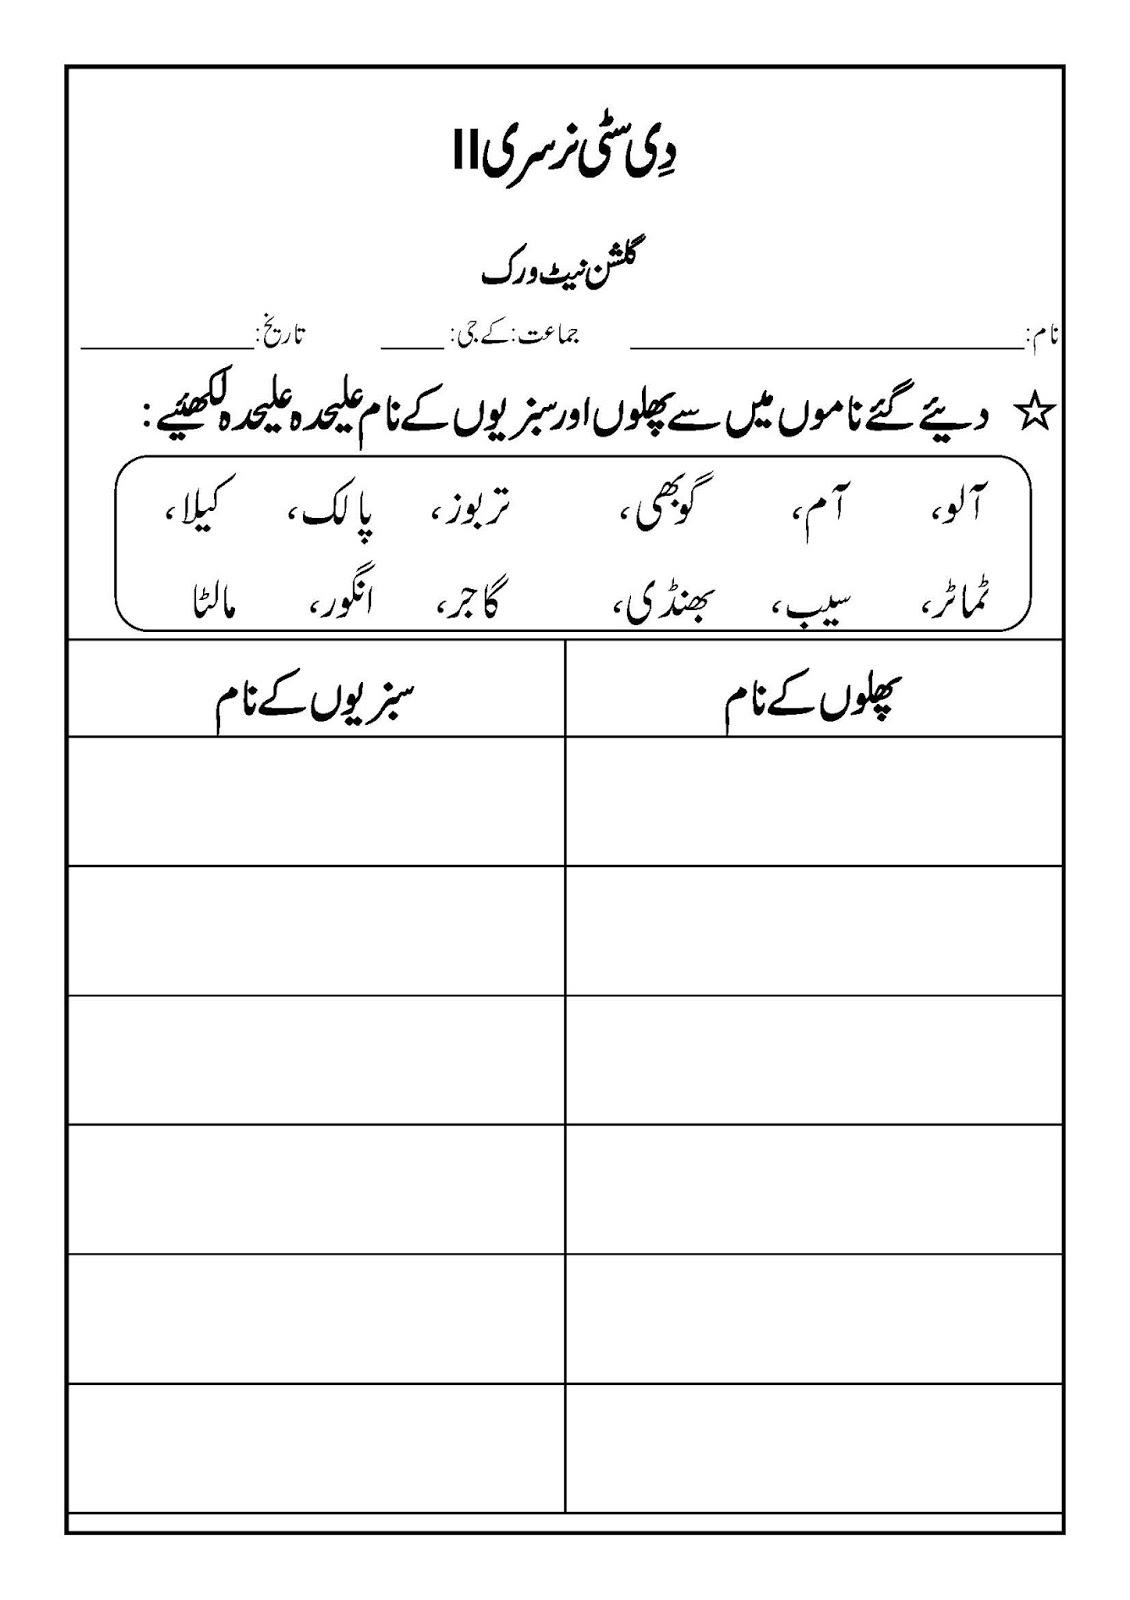 medium resolution of Kalama In Urdu Of Worksheet   Printable Worksheets and Activities for  Teachers